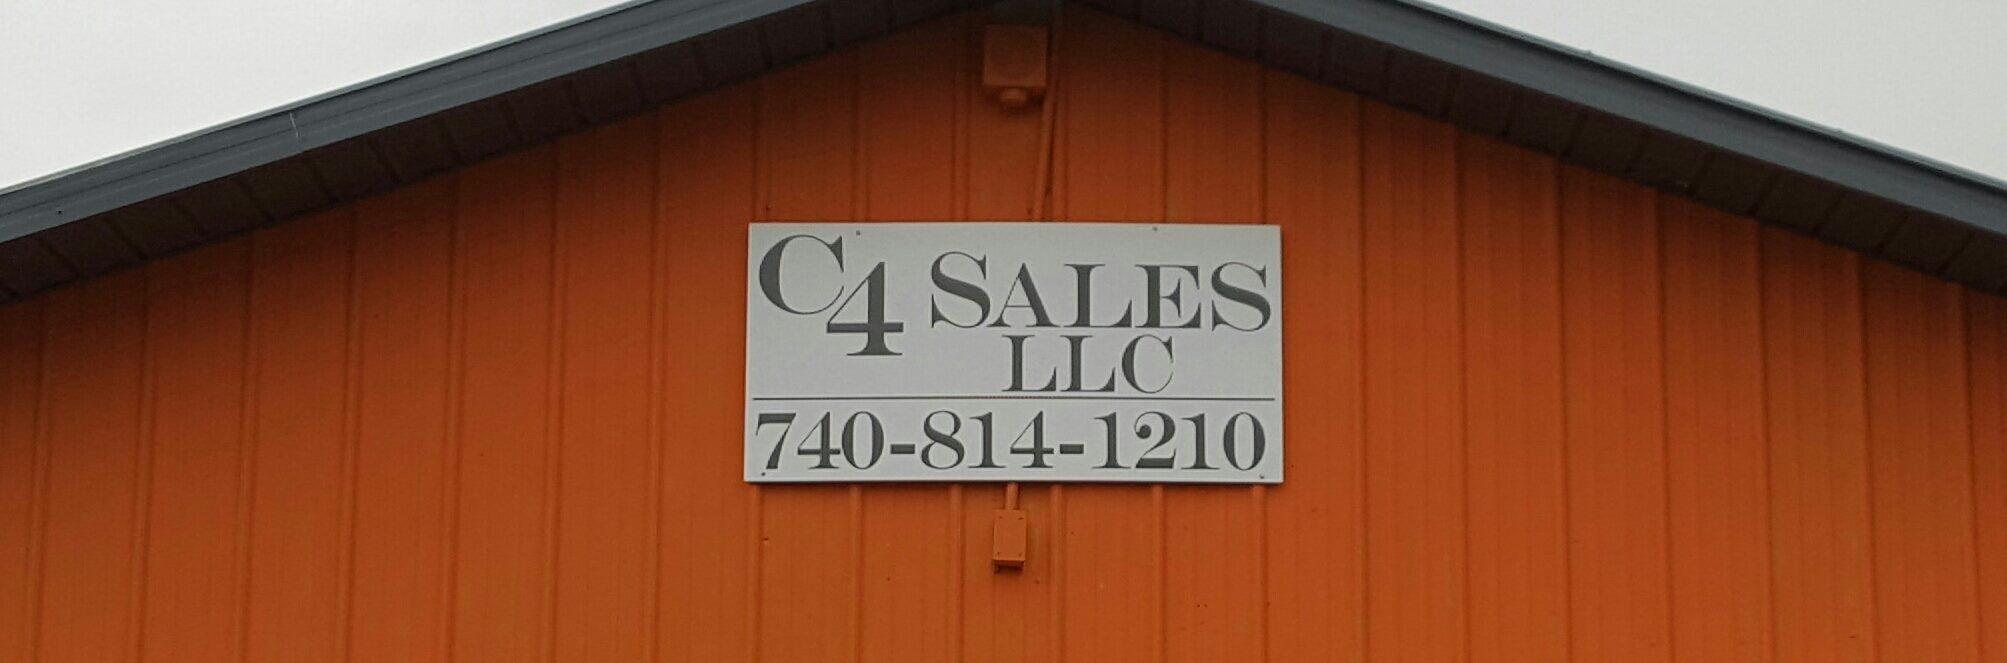 C4 Sales, LLC - Auto Sales, Utica OH